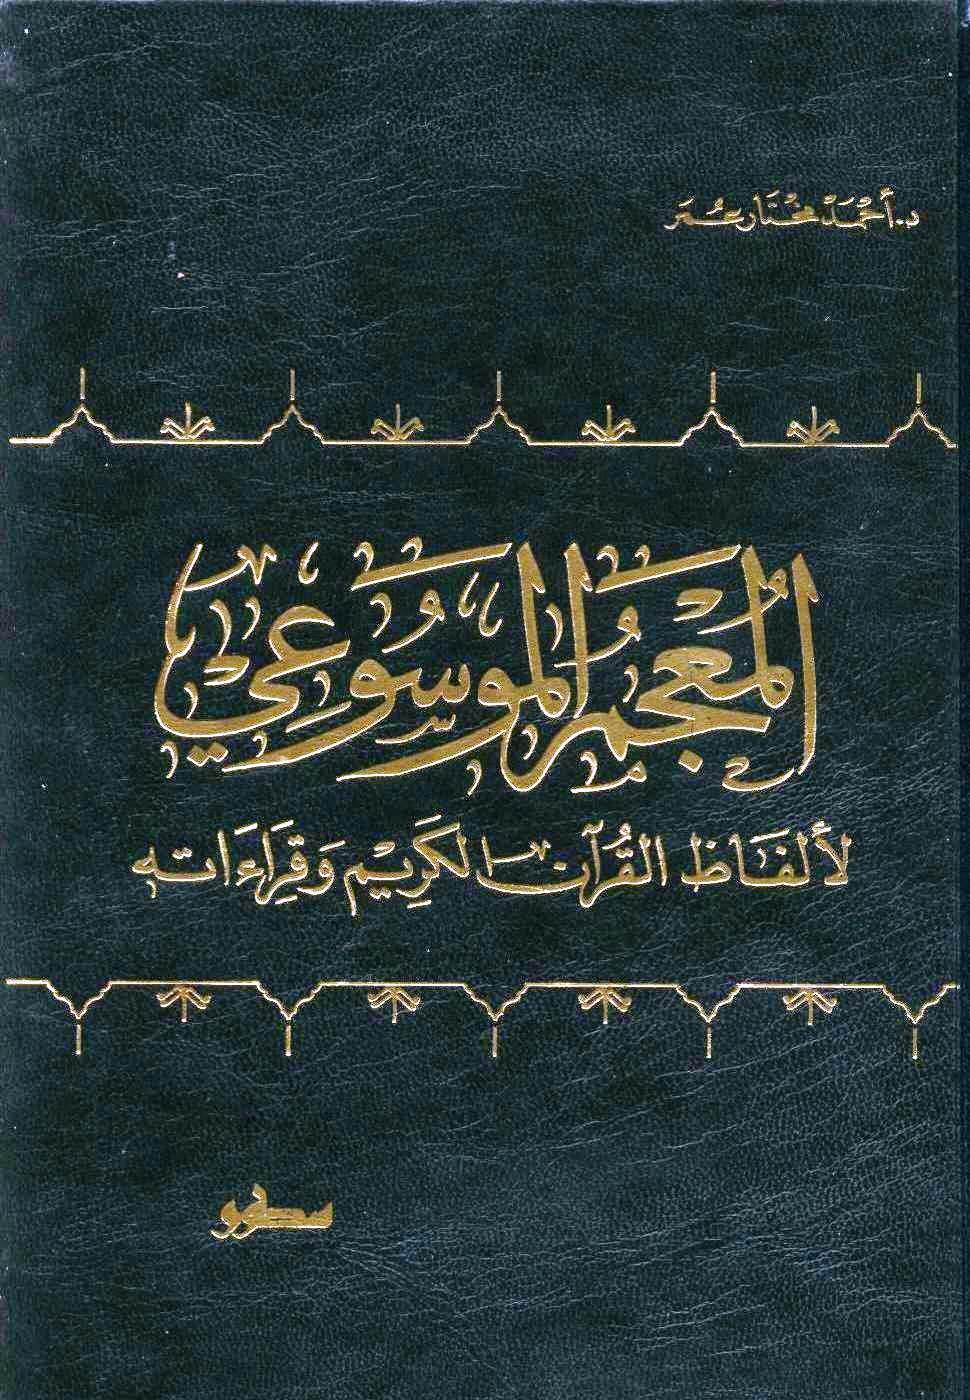 تحميل كتاب المعجم الموسوعي لألفاظ القرآن الكريم وقراءاته لـِ: الدكتور أحمد مختار عبد الحميد عمر (ت 1424)